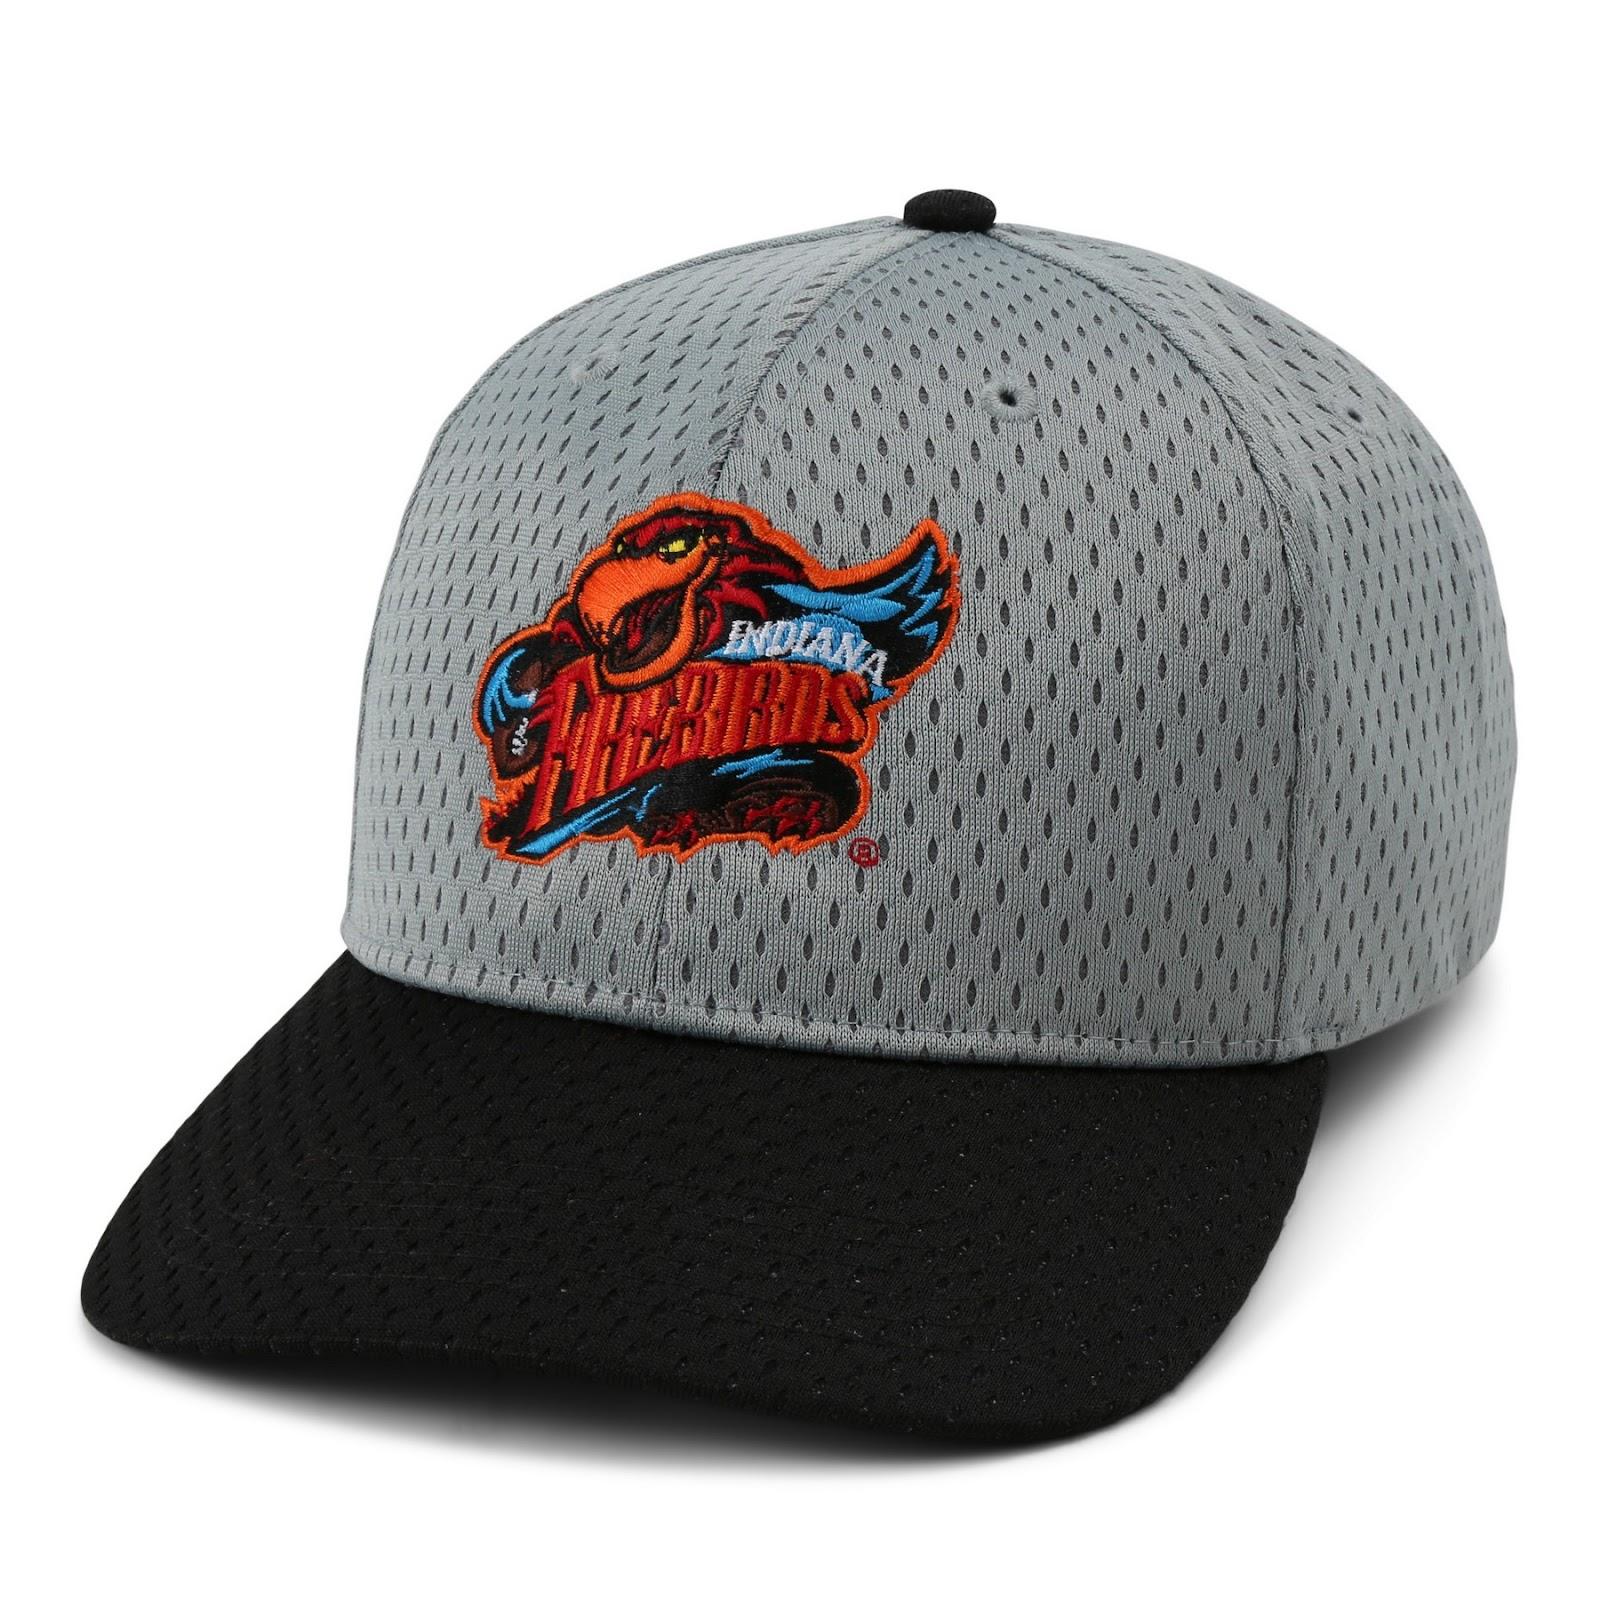 athletic Cap Design